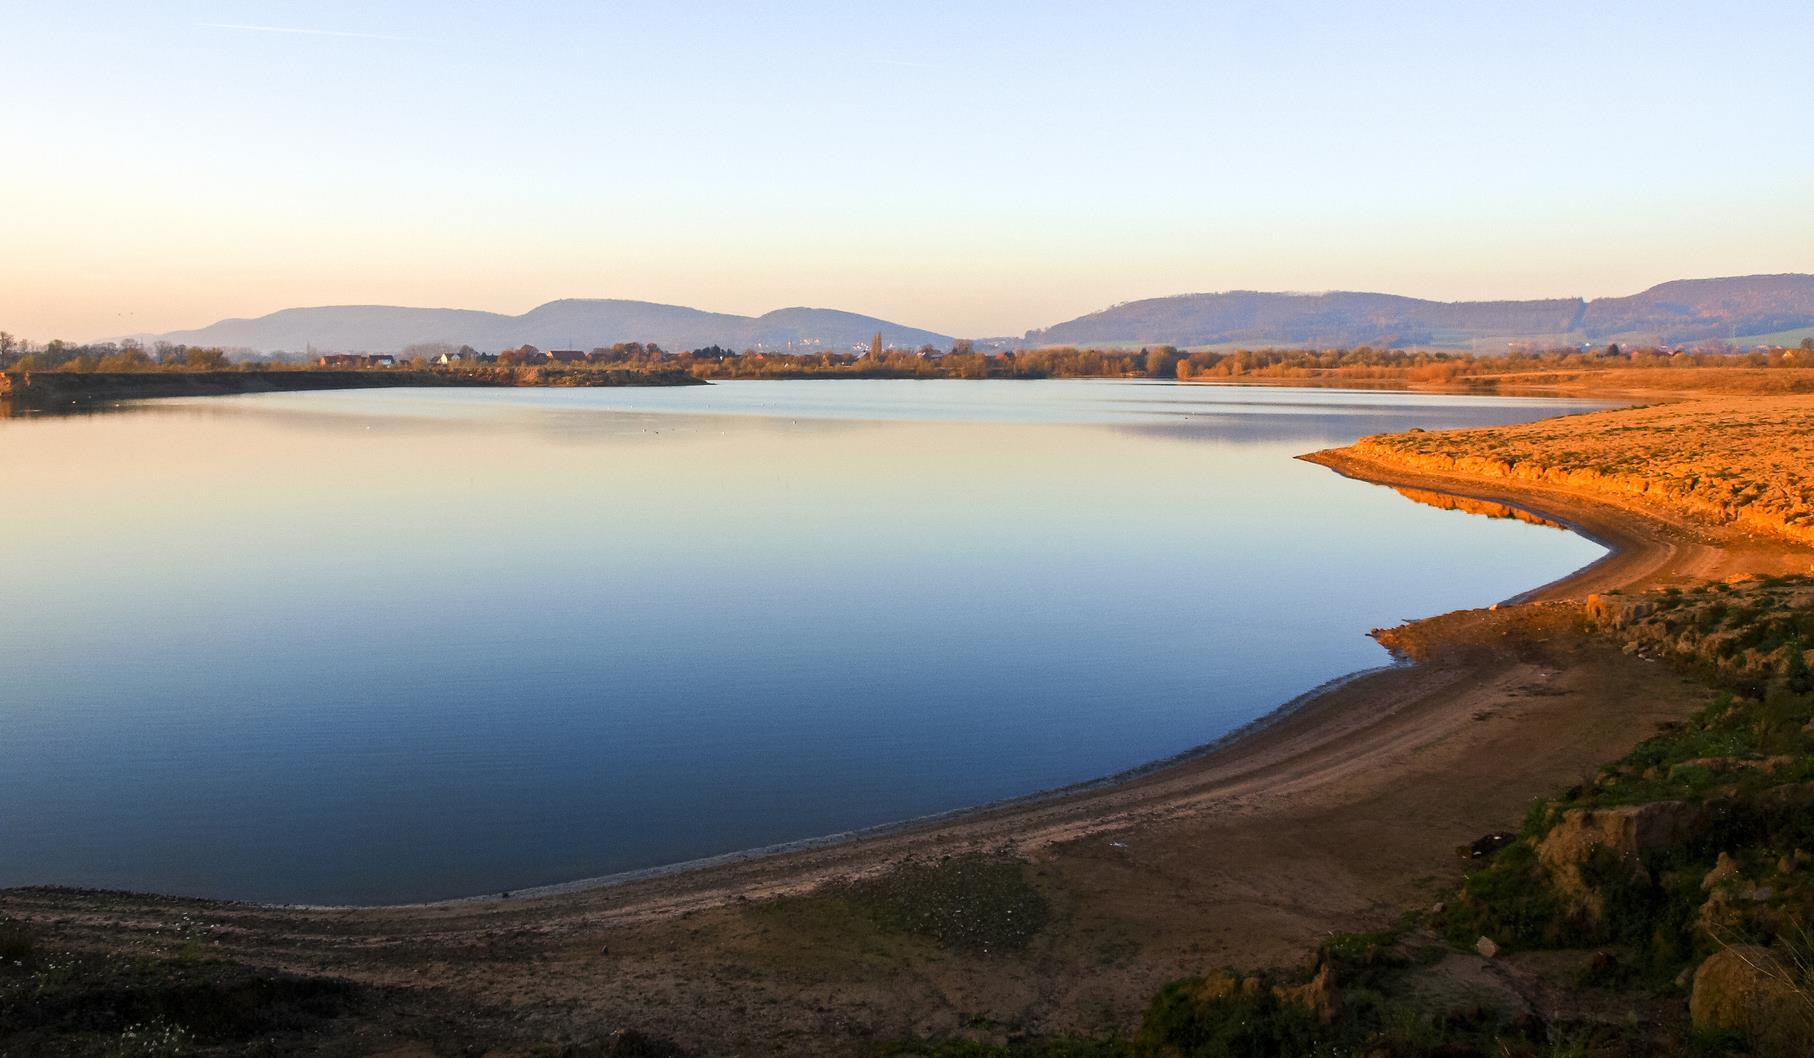 Der westliche Teich in der Morgensonne.